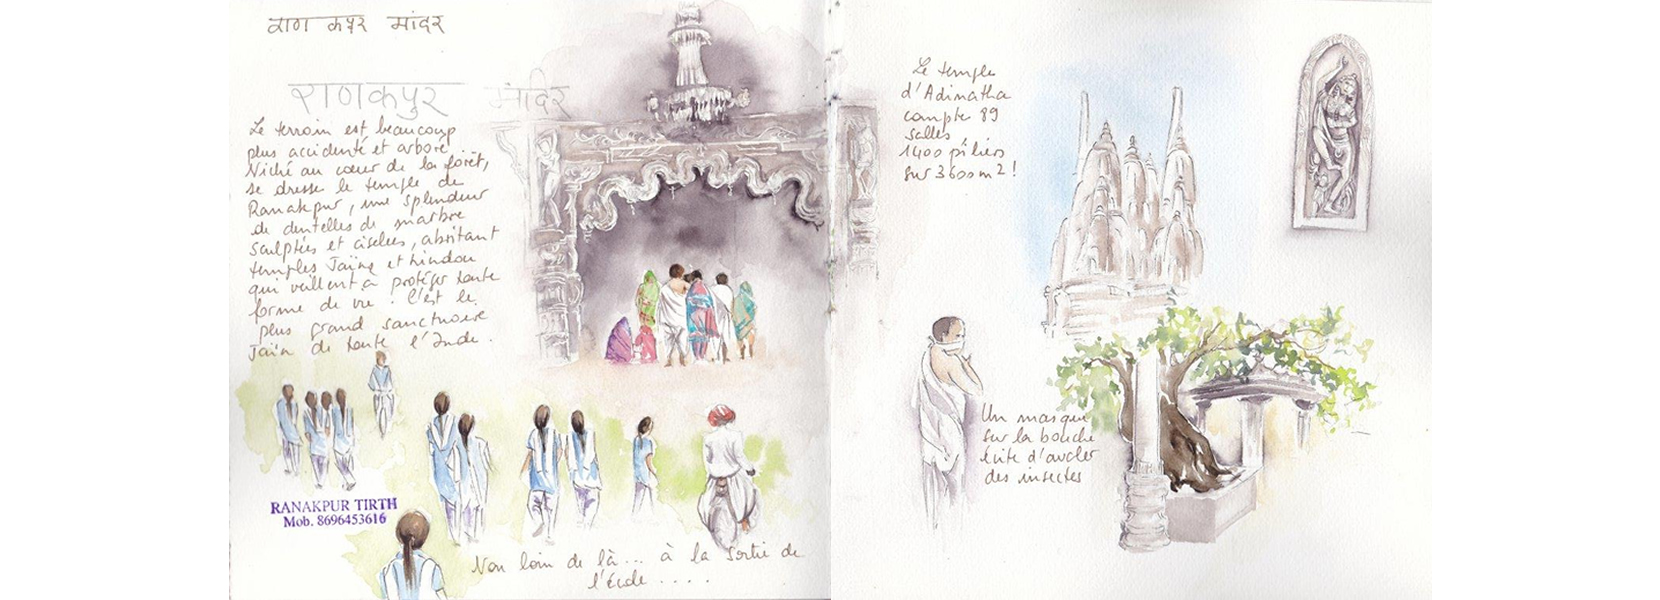 Carnet de voyage en Inde 14